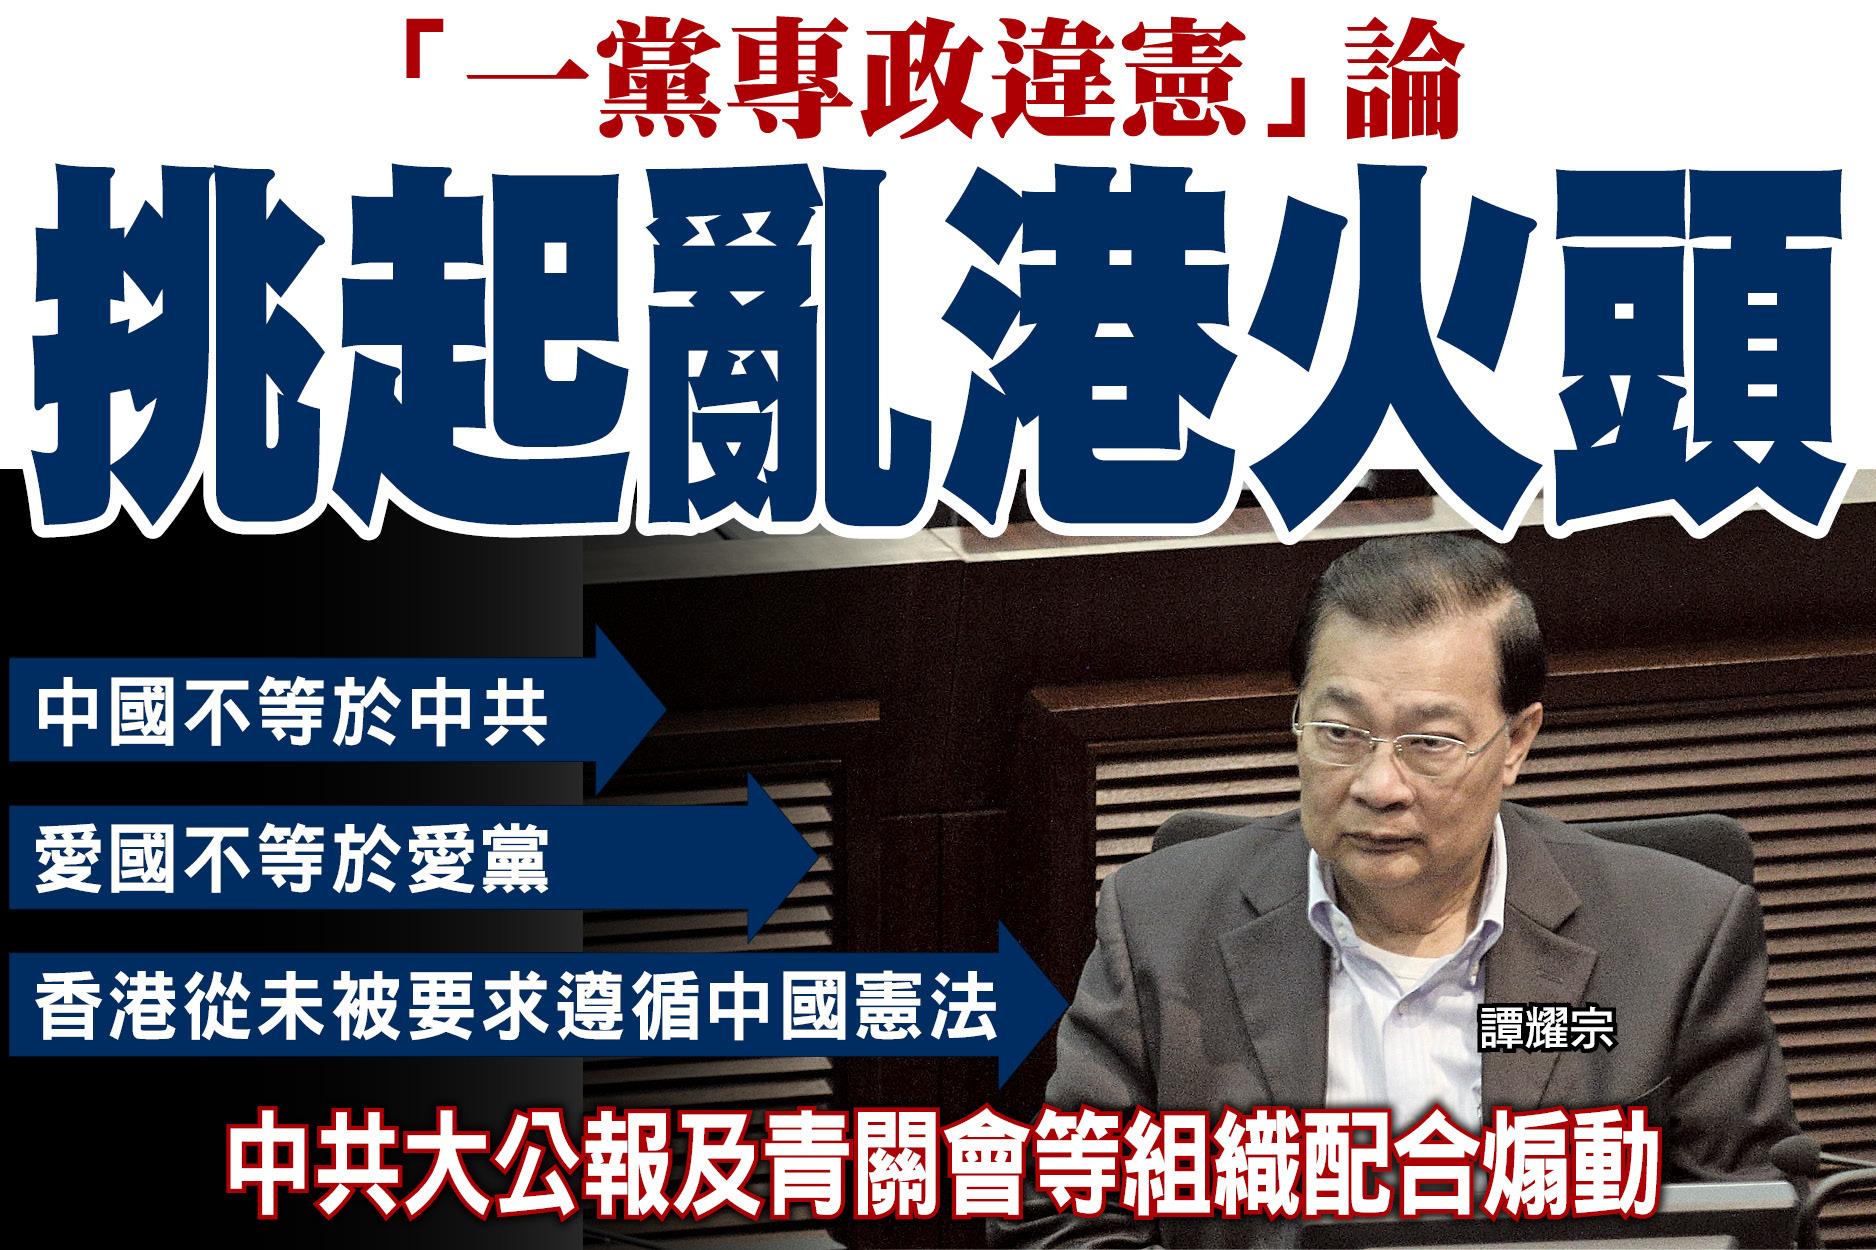 「一黨專政違憲」論 挑起亂港火頭